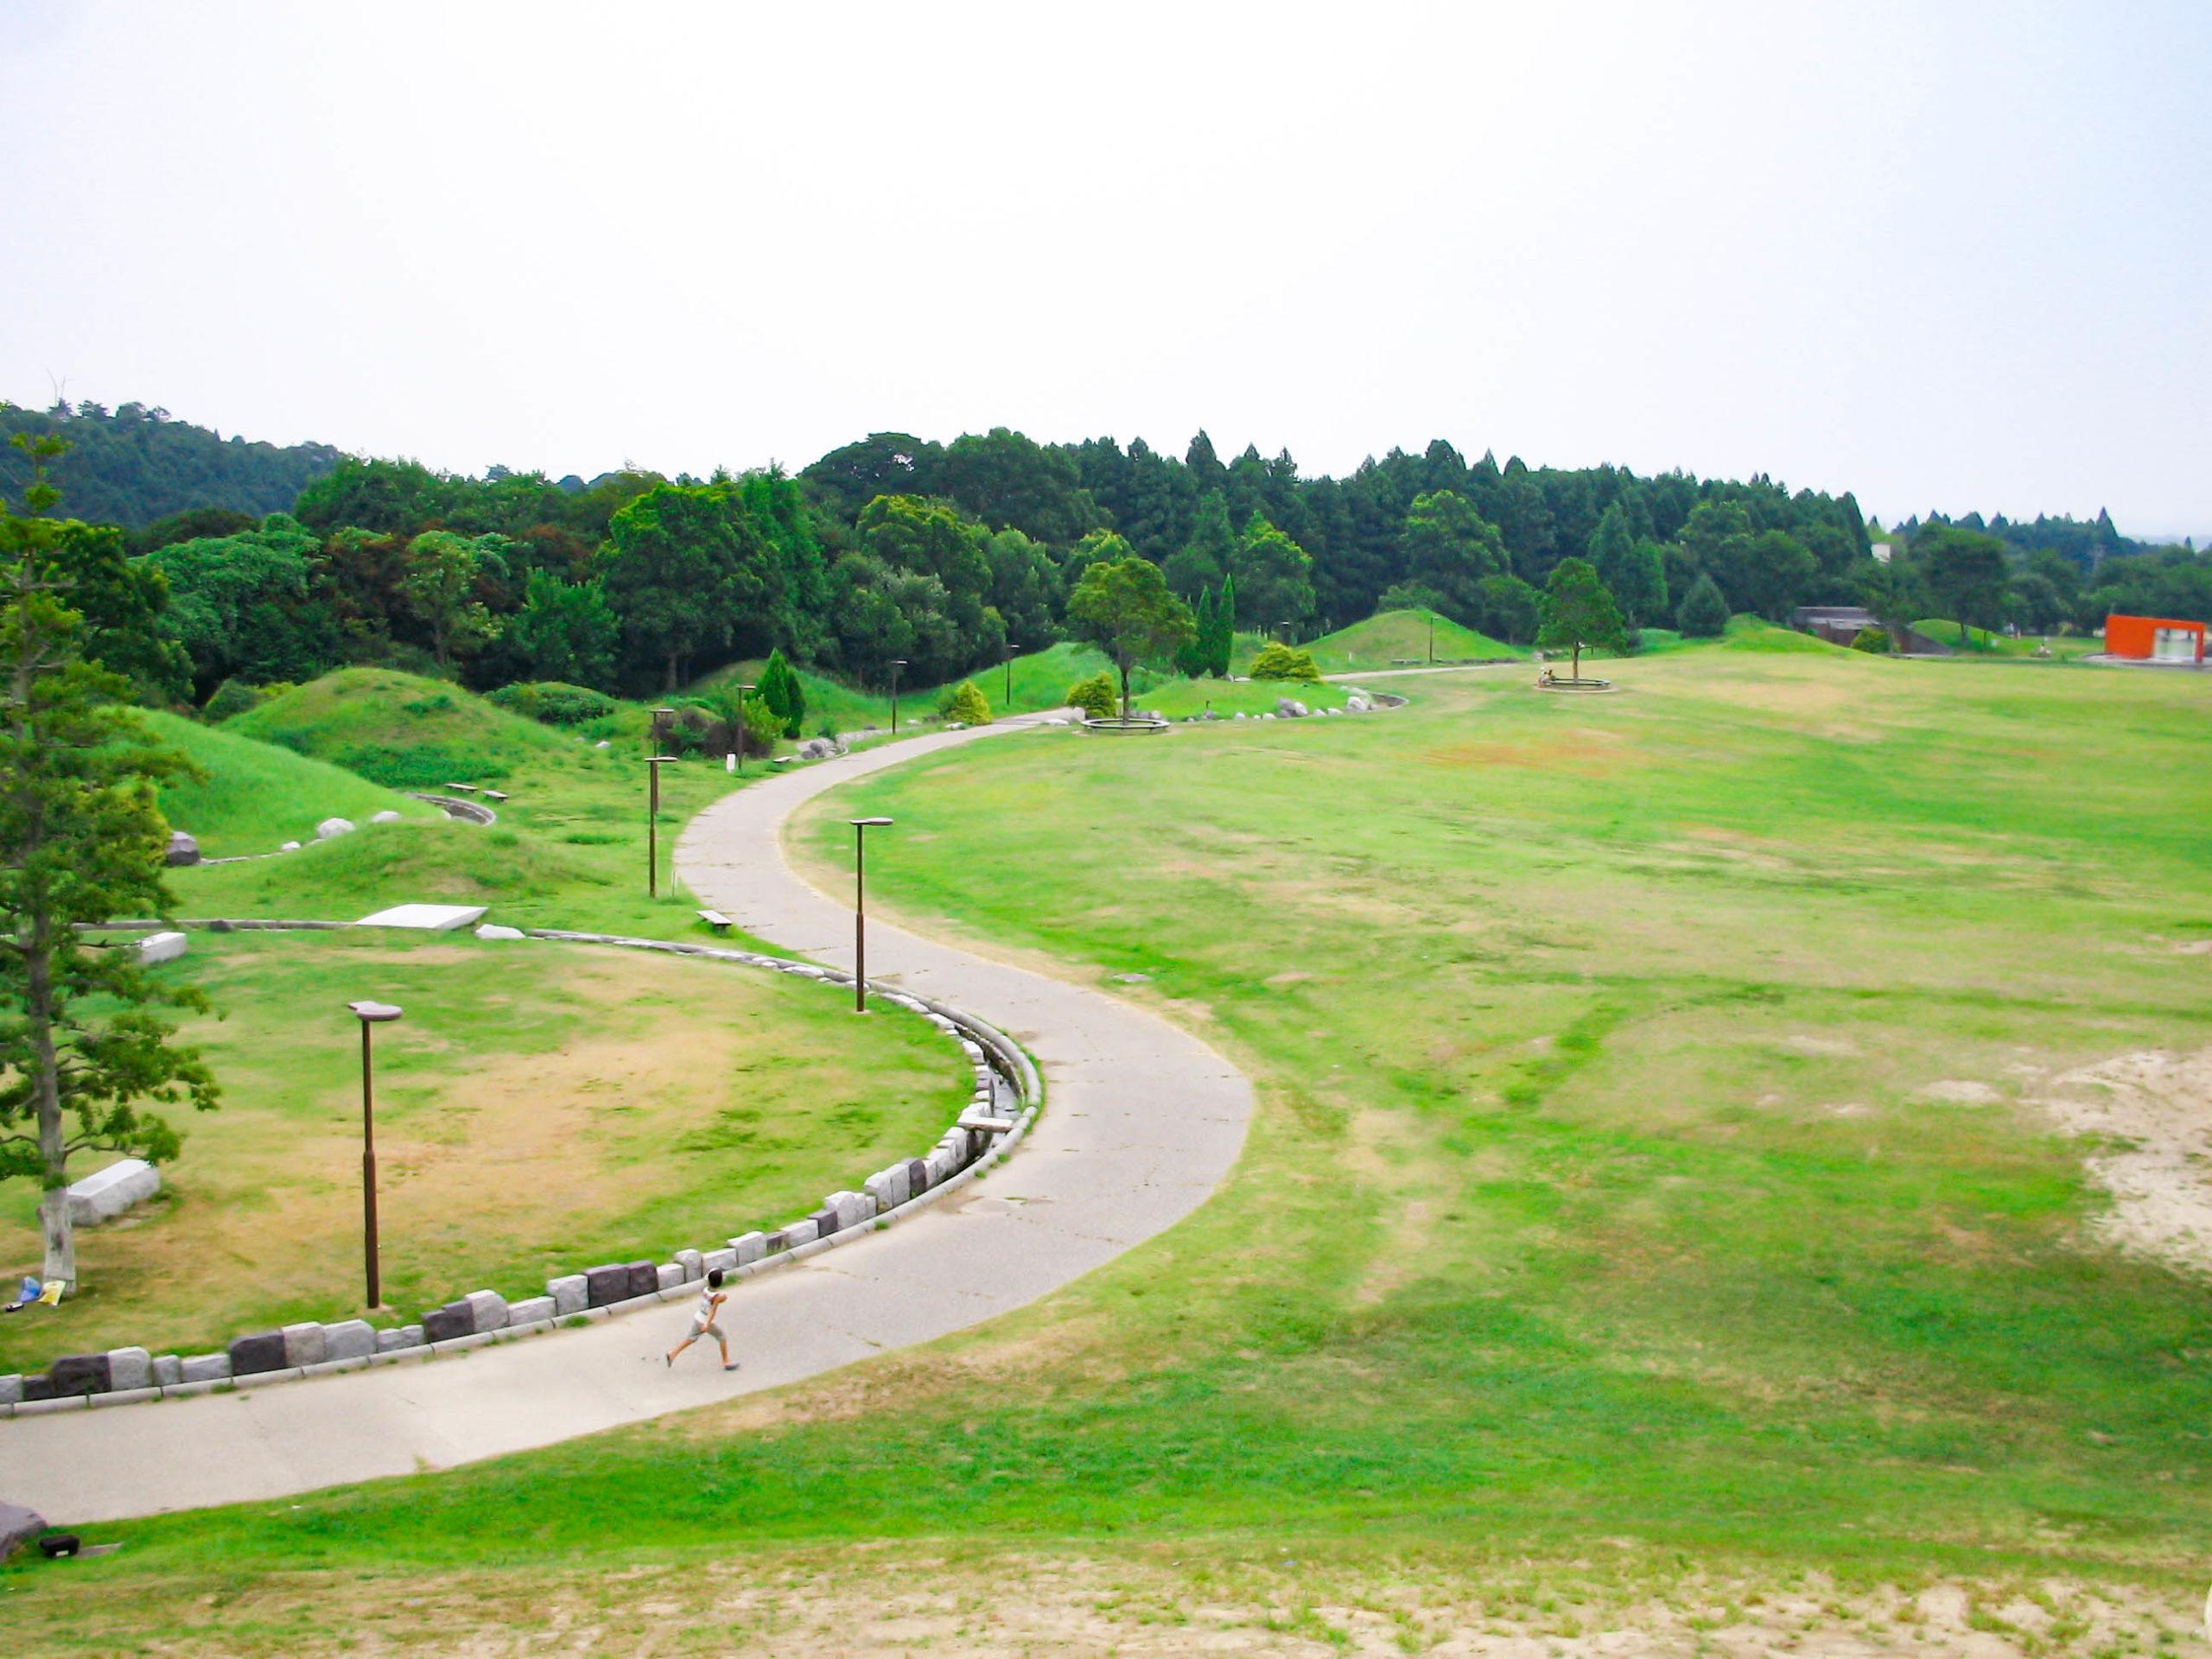 丘から見下ろした公園の写真